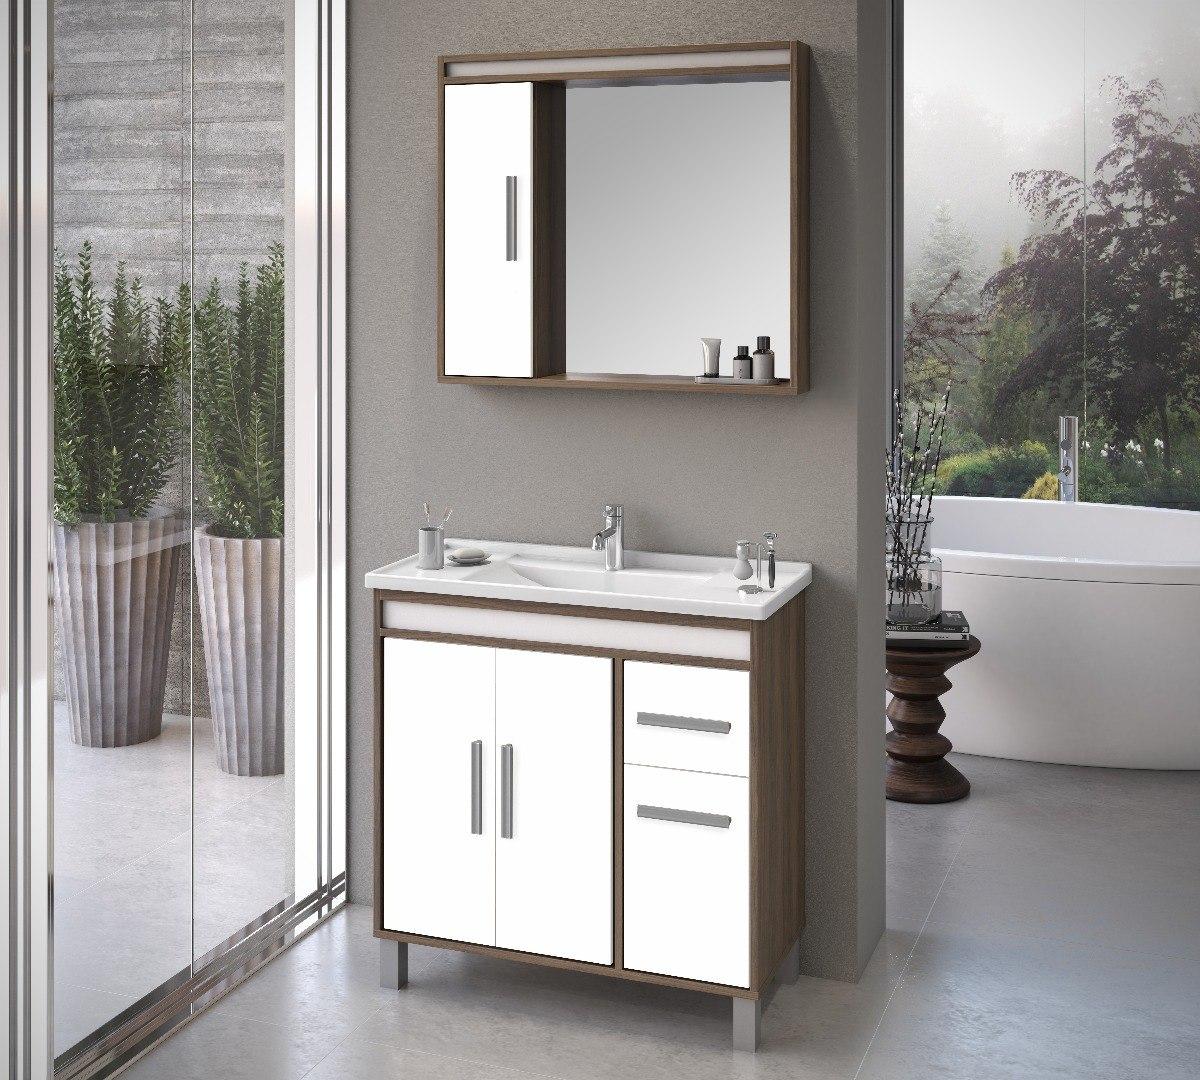 Moveis Banheiro Sp : Arm?rio de banheiro p?s e espelho monaco malaga moveis